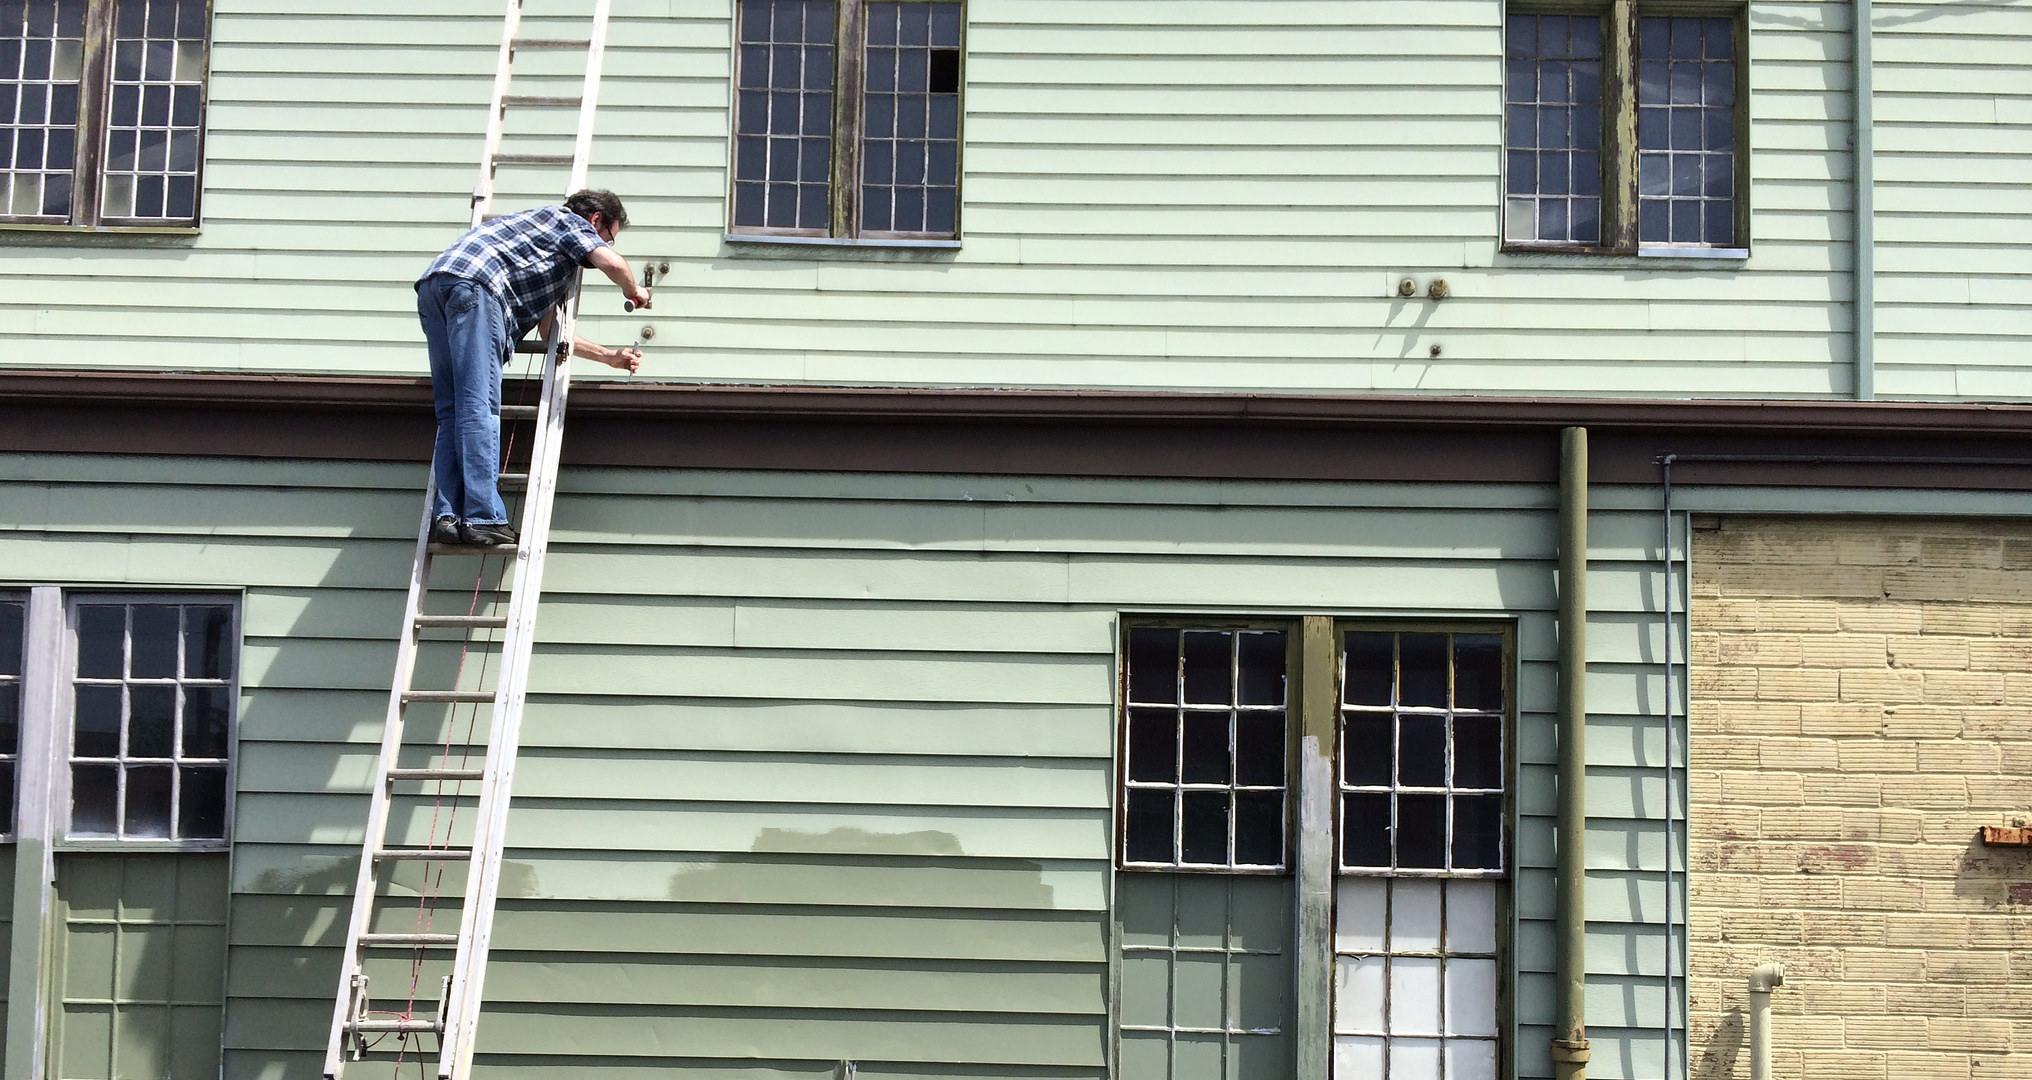 Darin samples the lower roof, Sam Bebe May 14, 2014